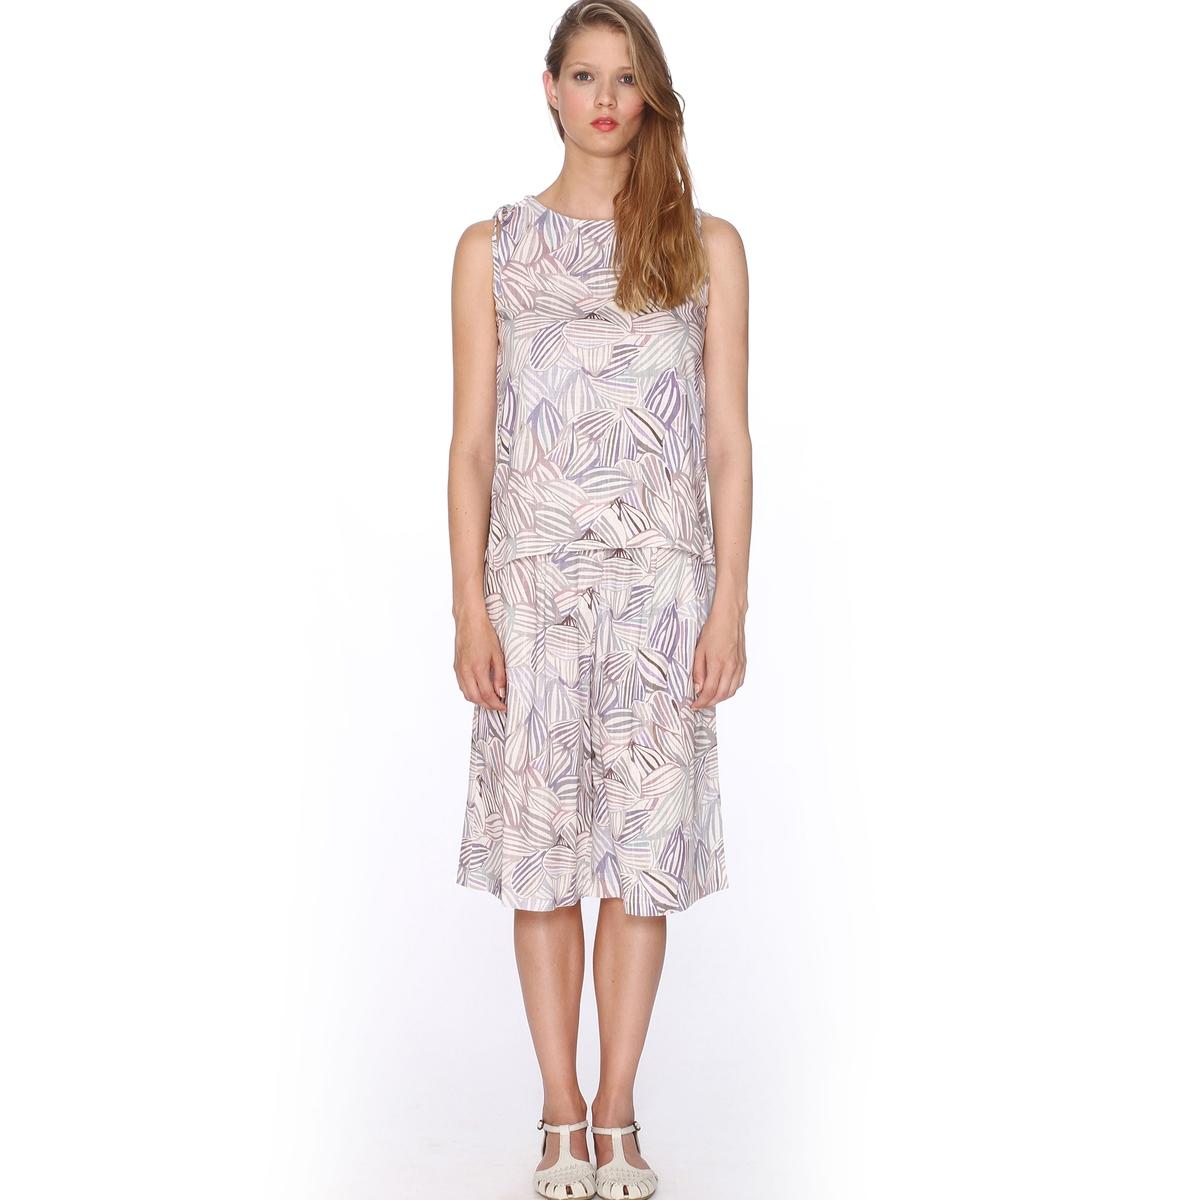 Бермуды с рисунком - PEPALOVES, Trouser MurielБермуды, модель Trouser Muriel от PEPALOVES. Объемный покрой. Сплошной цветочный рисунок. 2 боковых кармана. Состав и описание:Материал: 55% льна, 45% хлопка.Марка: PEPALOVE<br><br>Цвет: оранжевый/рисунок,принт/бежевый